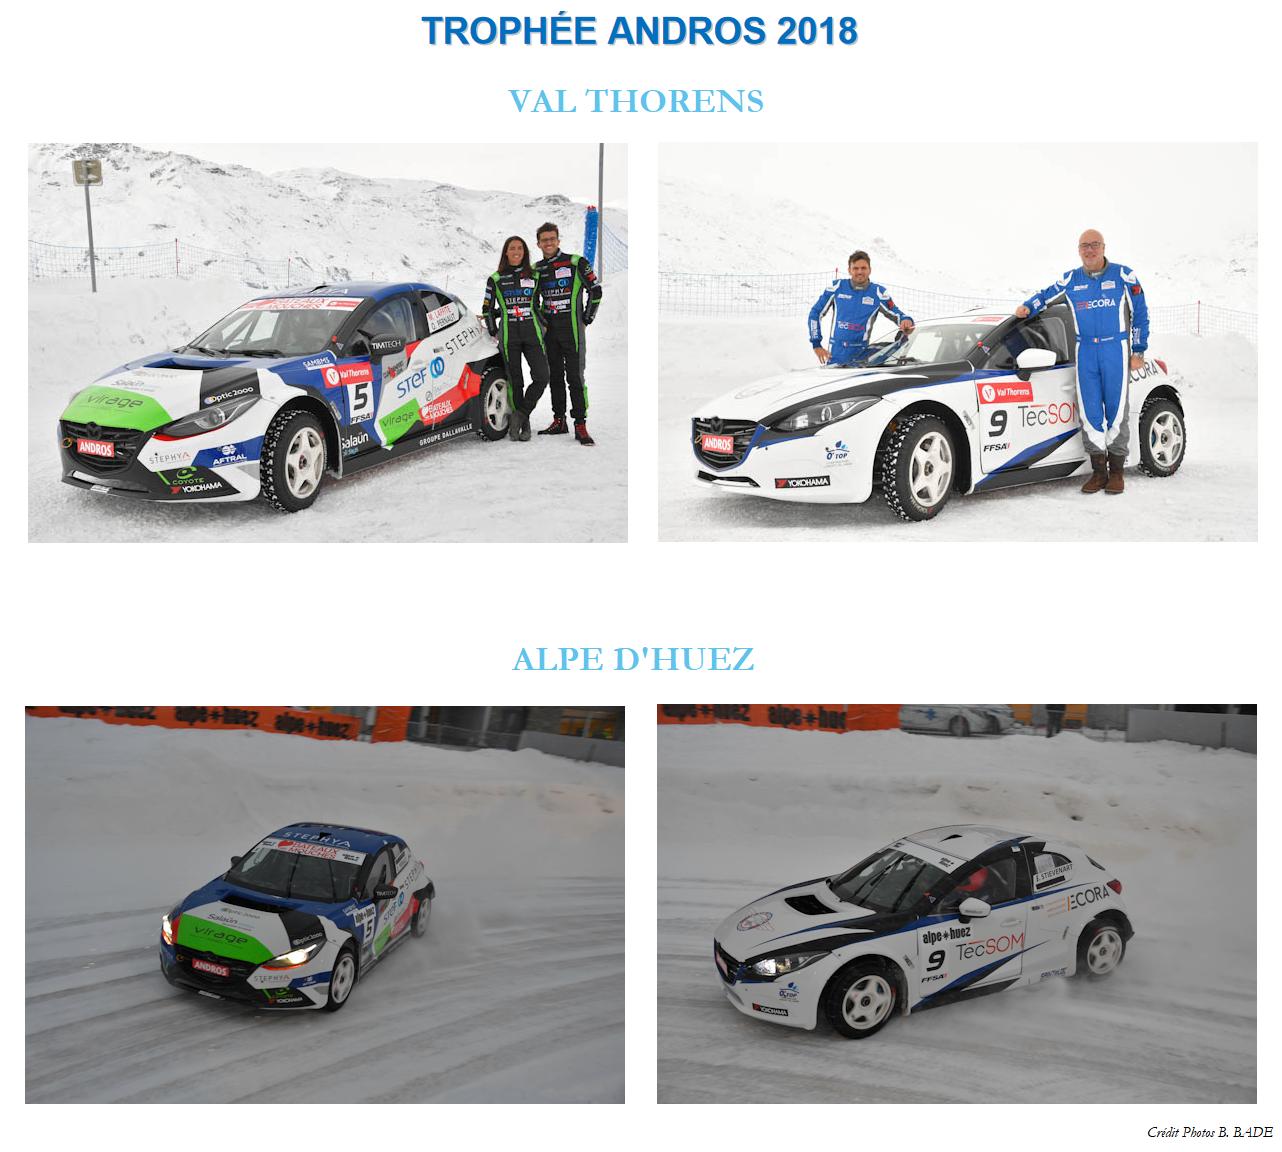 Trophée Andros 2018 Val Thorens Alpe d'Huez